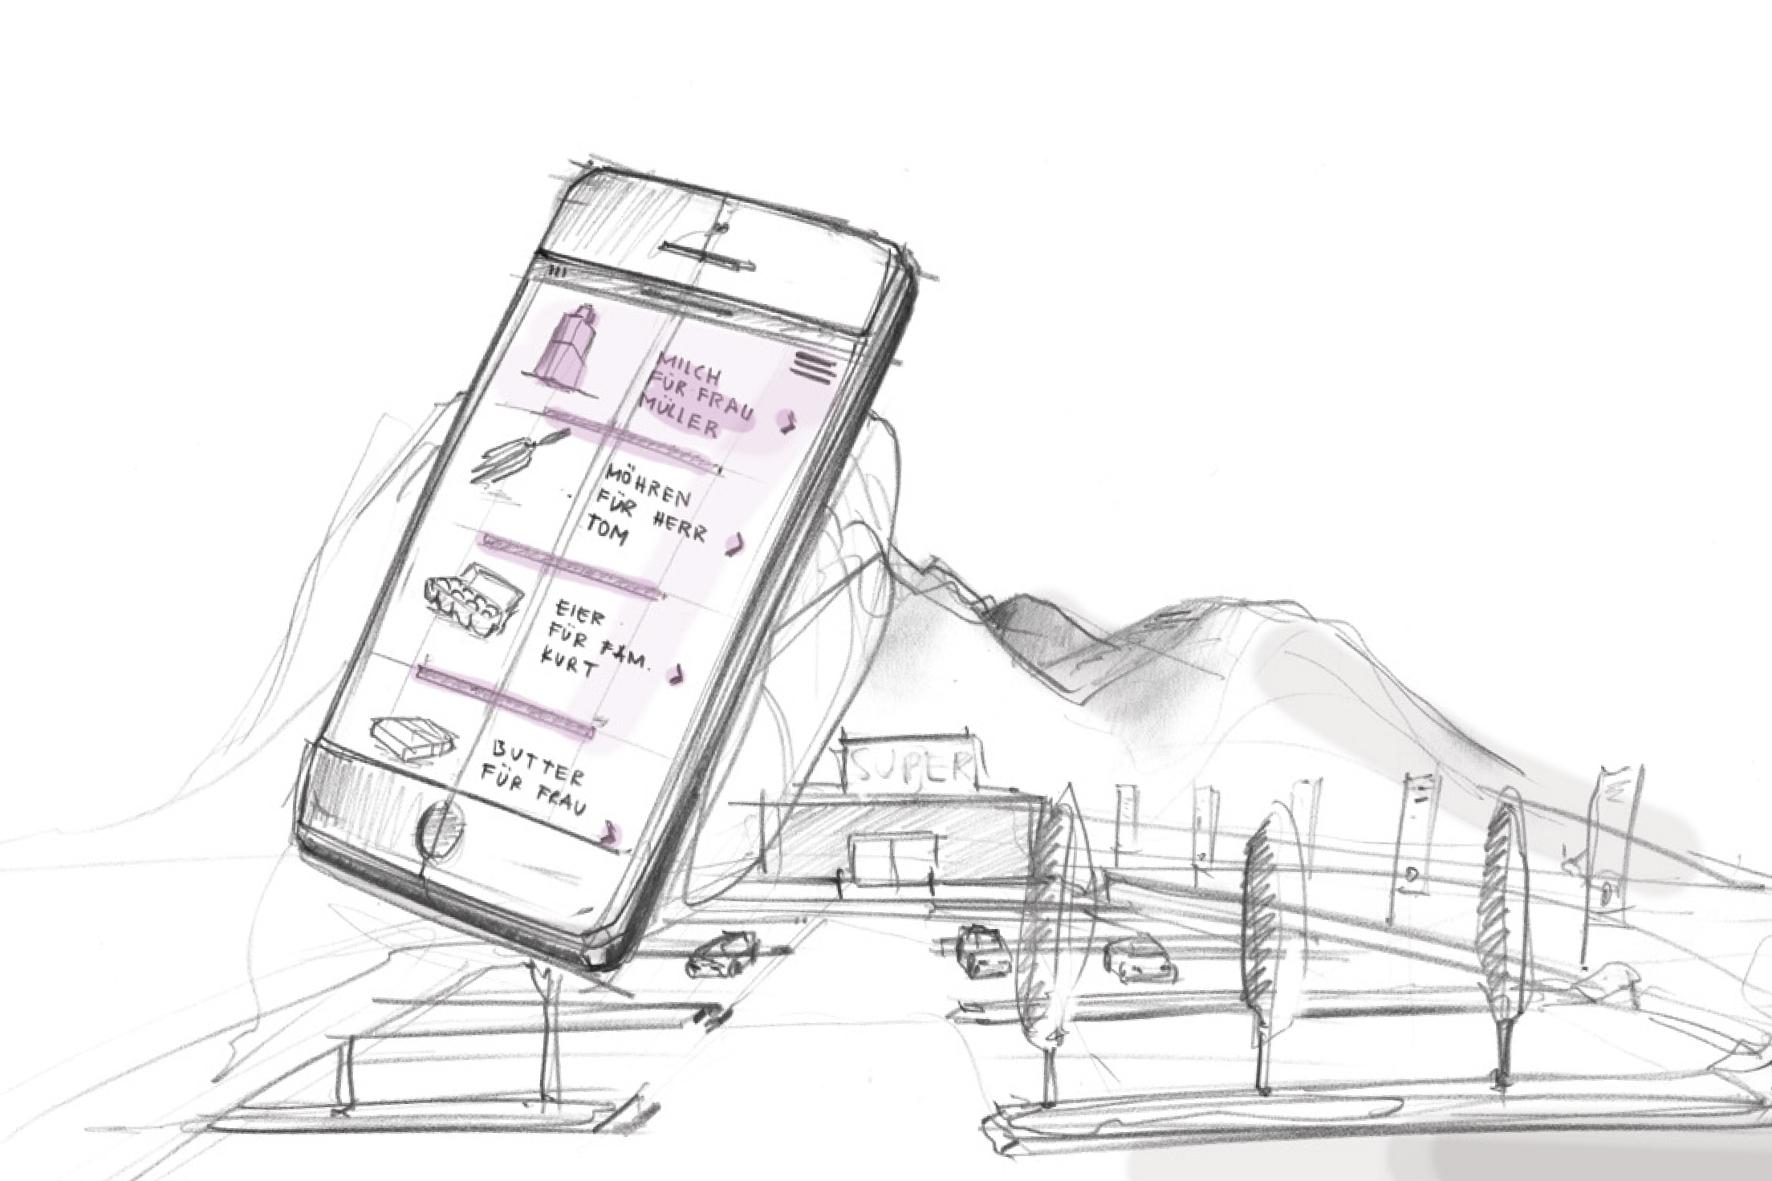 """mid Groß-Gerau - Mittels App können Nutzer der Sharing-Lösung """"AMiCUS"""" Besorgungen von anderen erledigen lassen - und so helfen, den Verkehr vor allem auf dem Land zu reduzieren."""